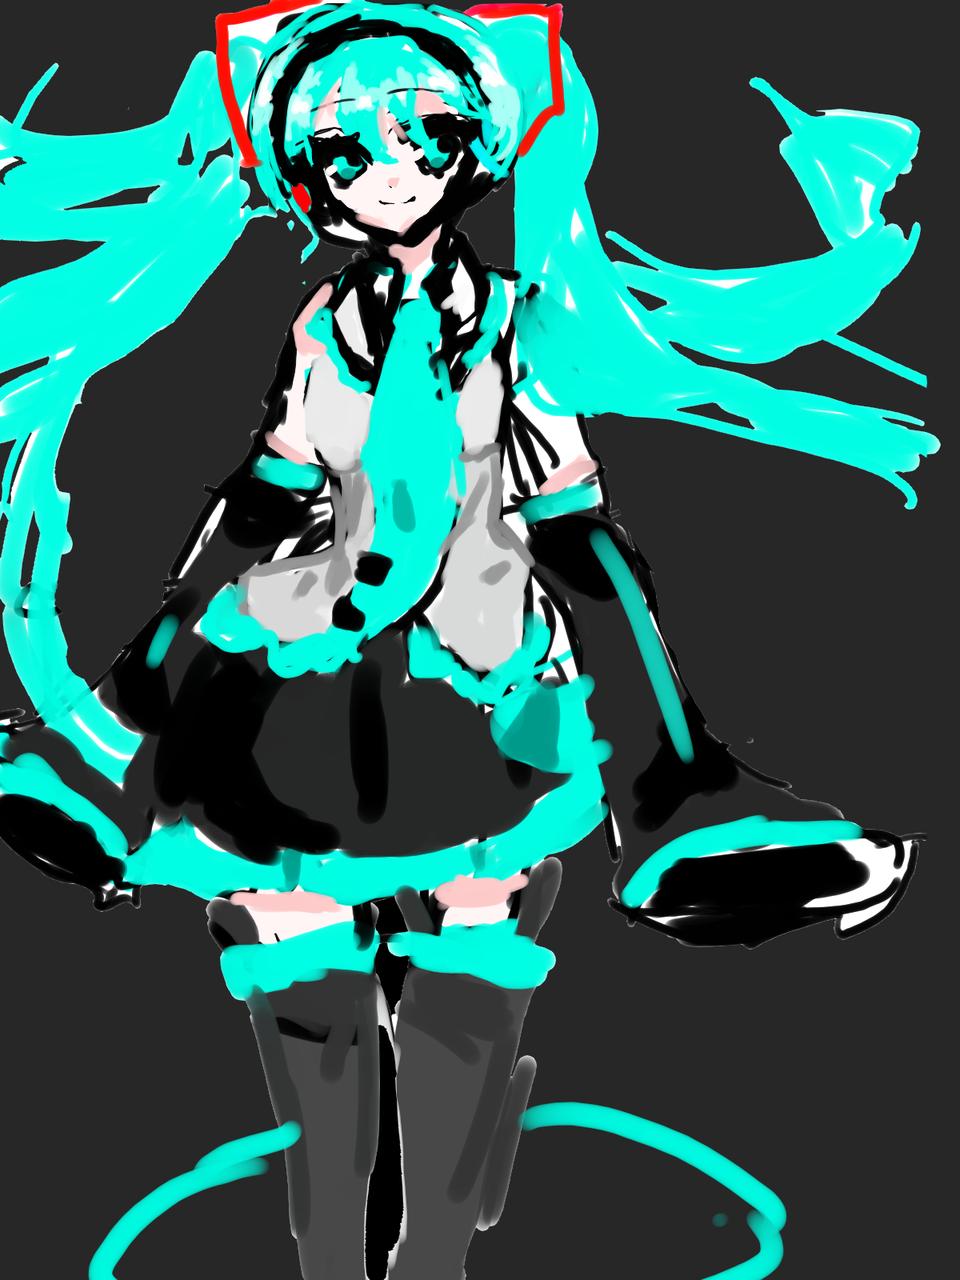 再投稿です Illust of さくらんぼ兎 息抜き カラーイラスト かっこいい doodle hatsunemiku digital 水色